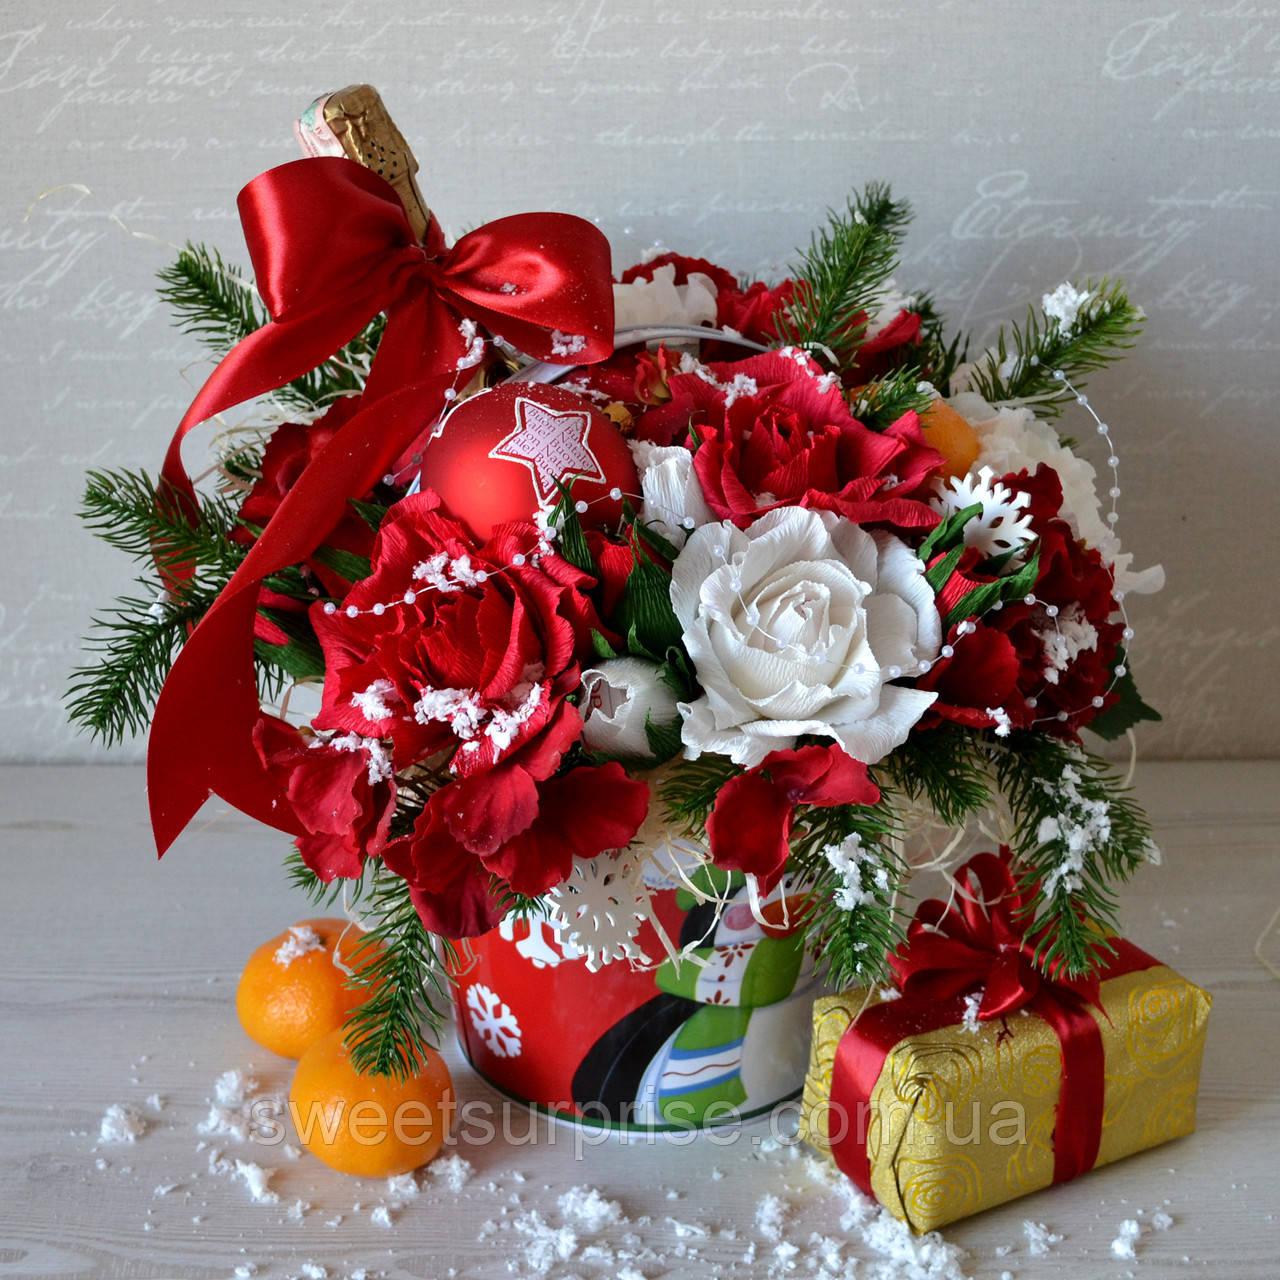 """Новогодний подарок для партнеров по бизнесу """"С Новым годом"""""""